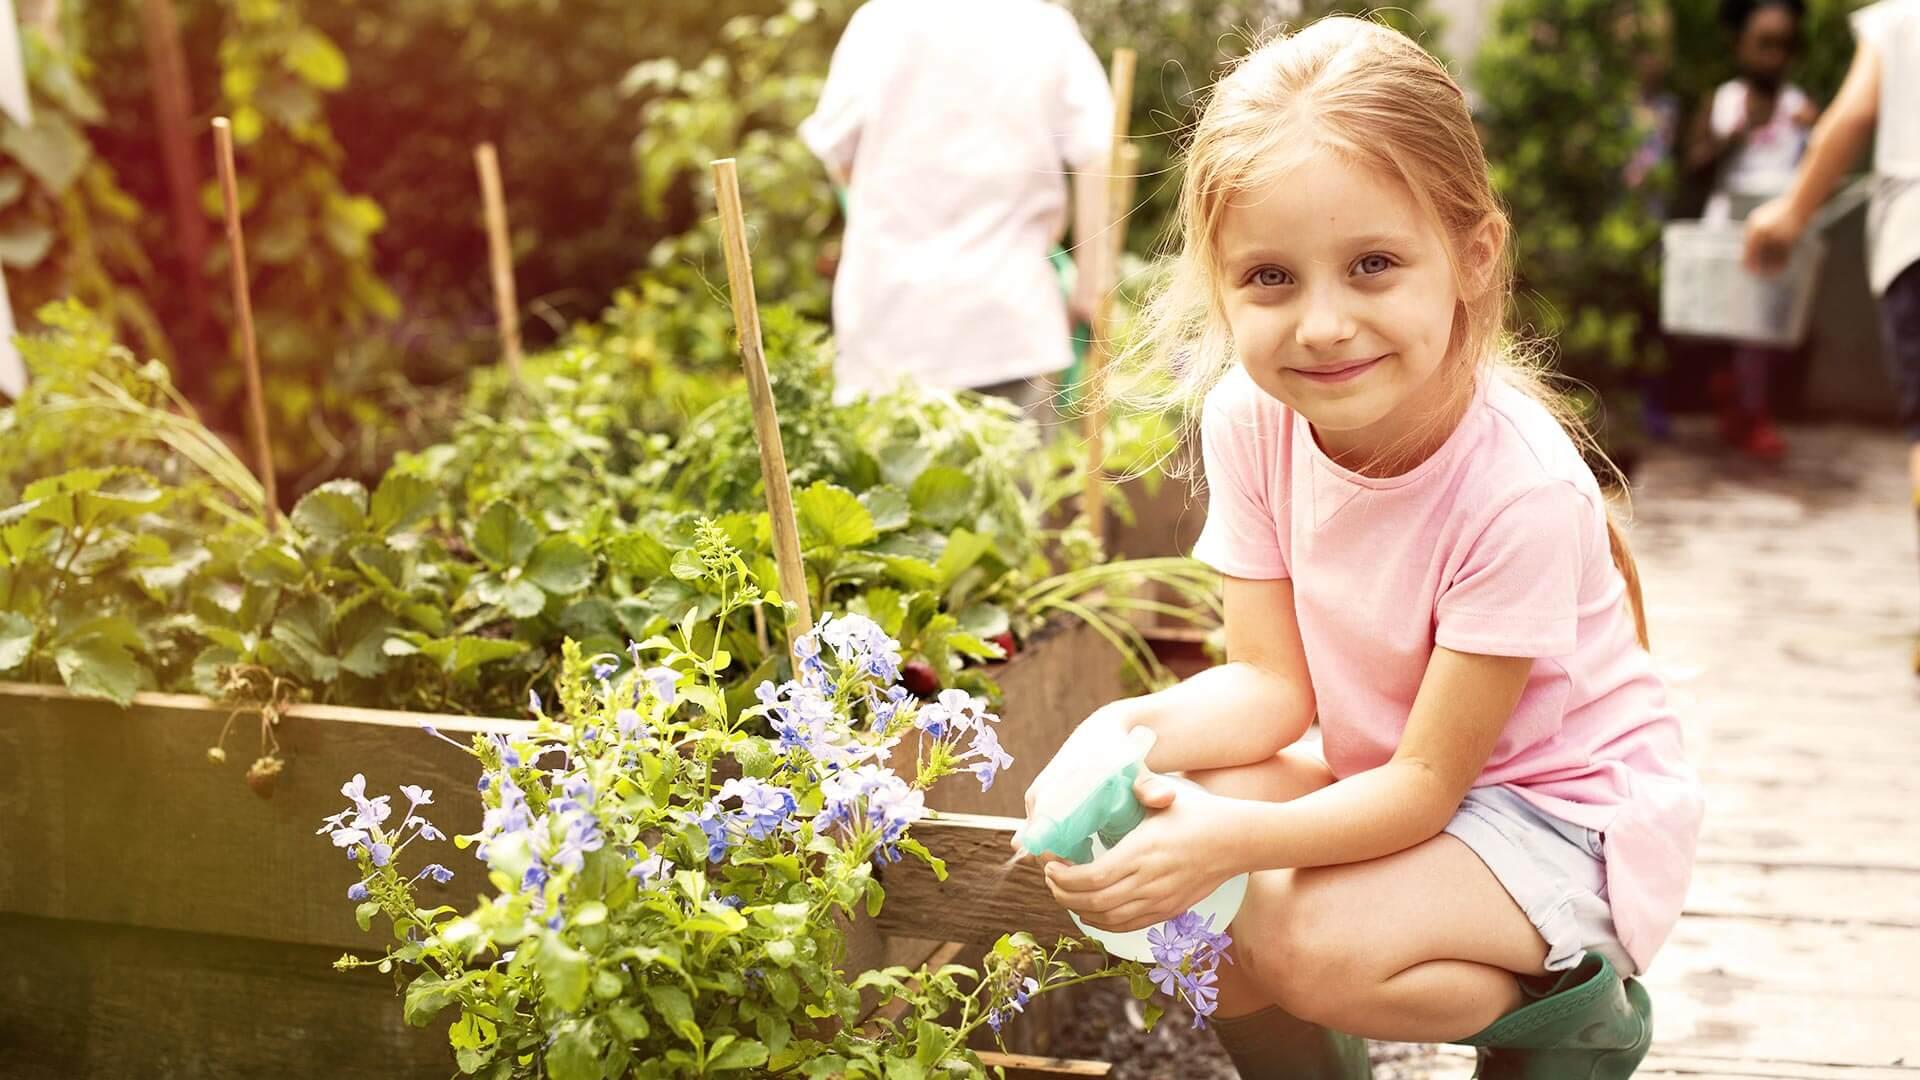 Erfahrungen sammeln beim gemeinsamen pflegen des Blumen- und Erdbeerbeets an der frischen Luft